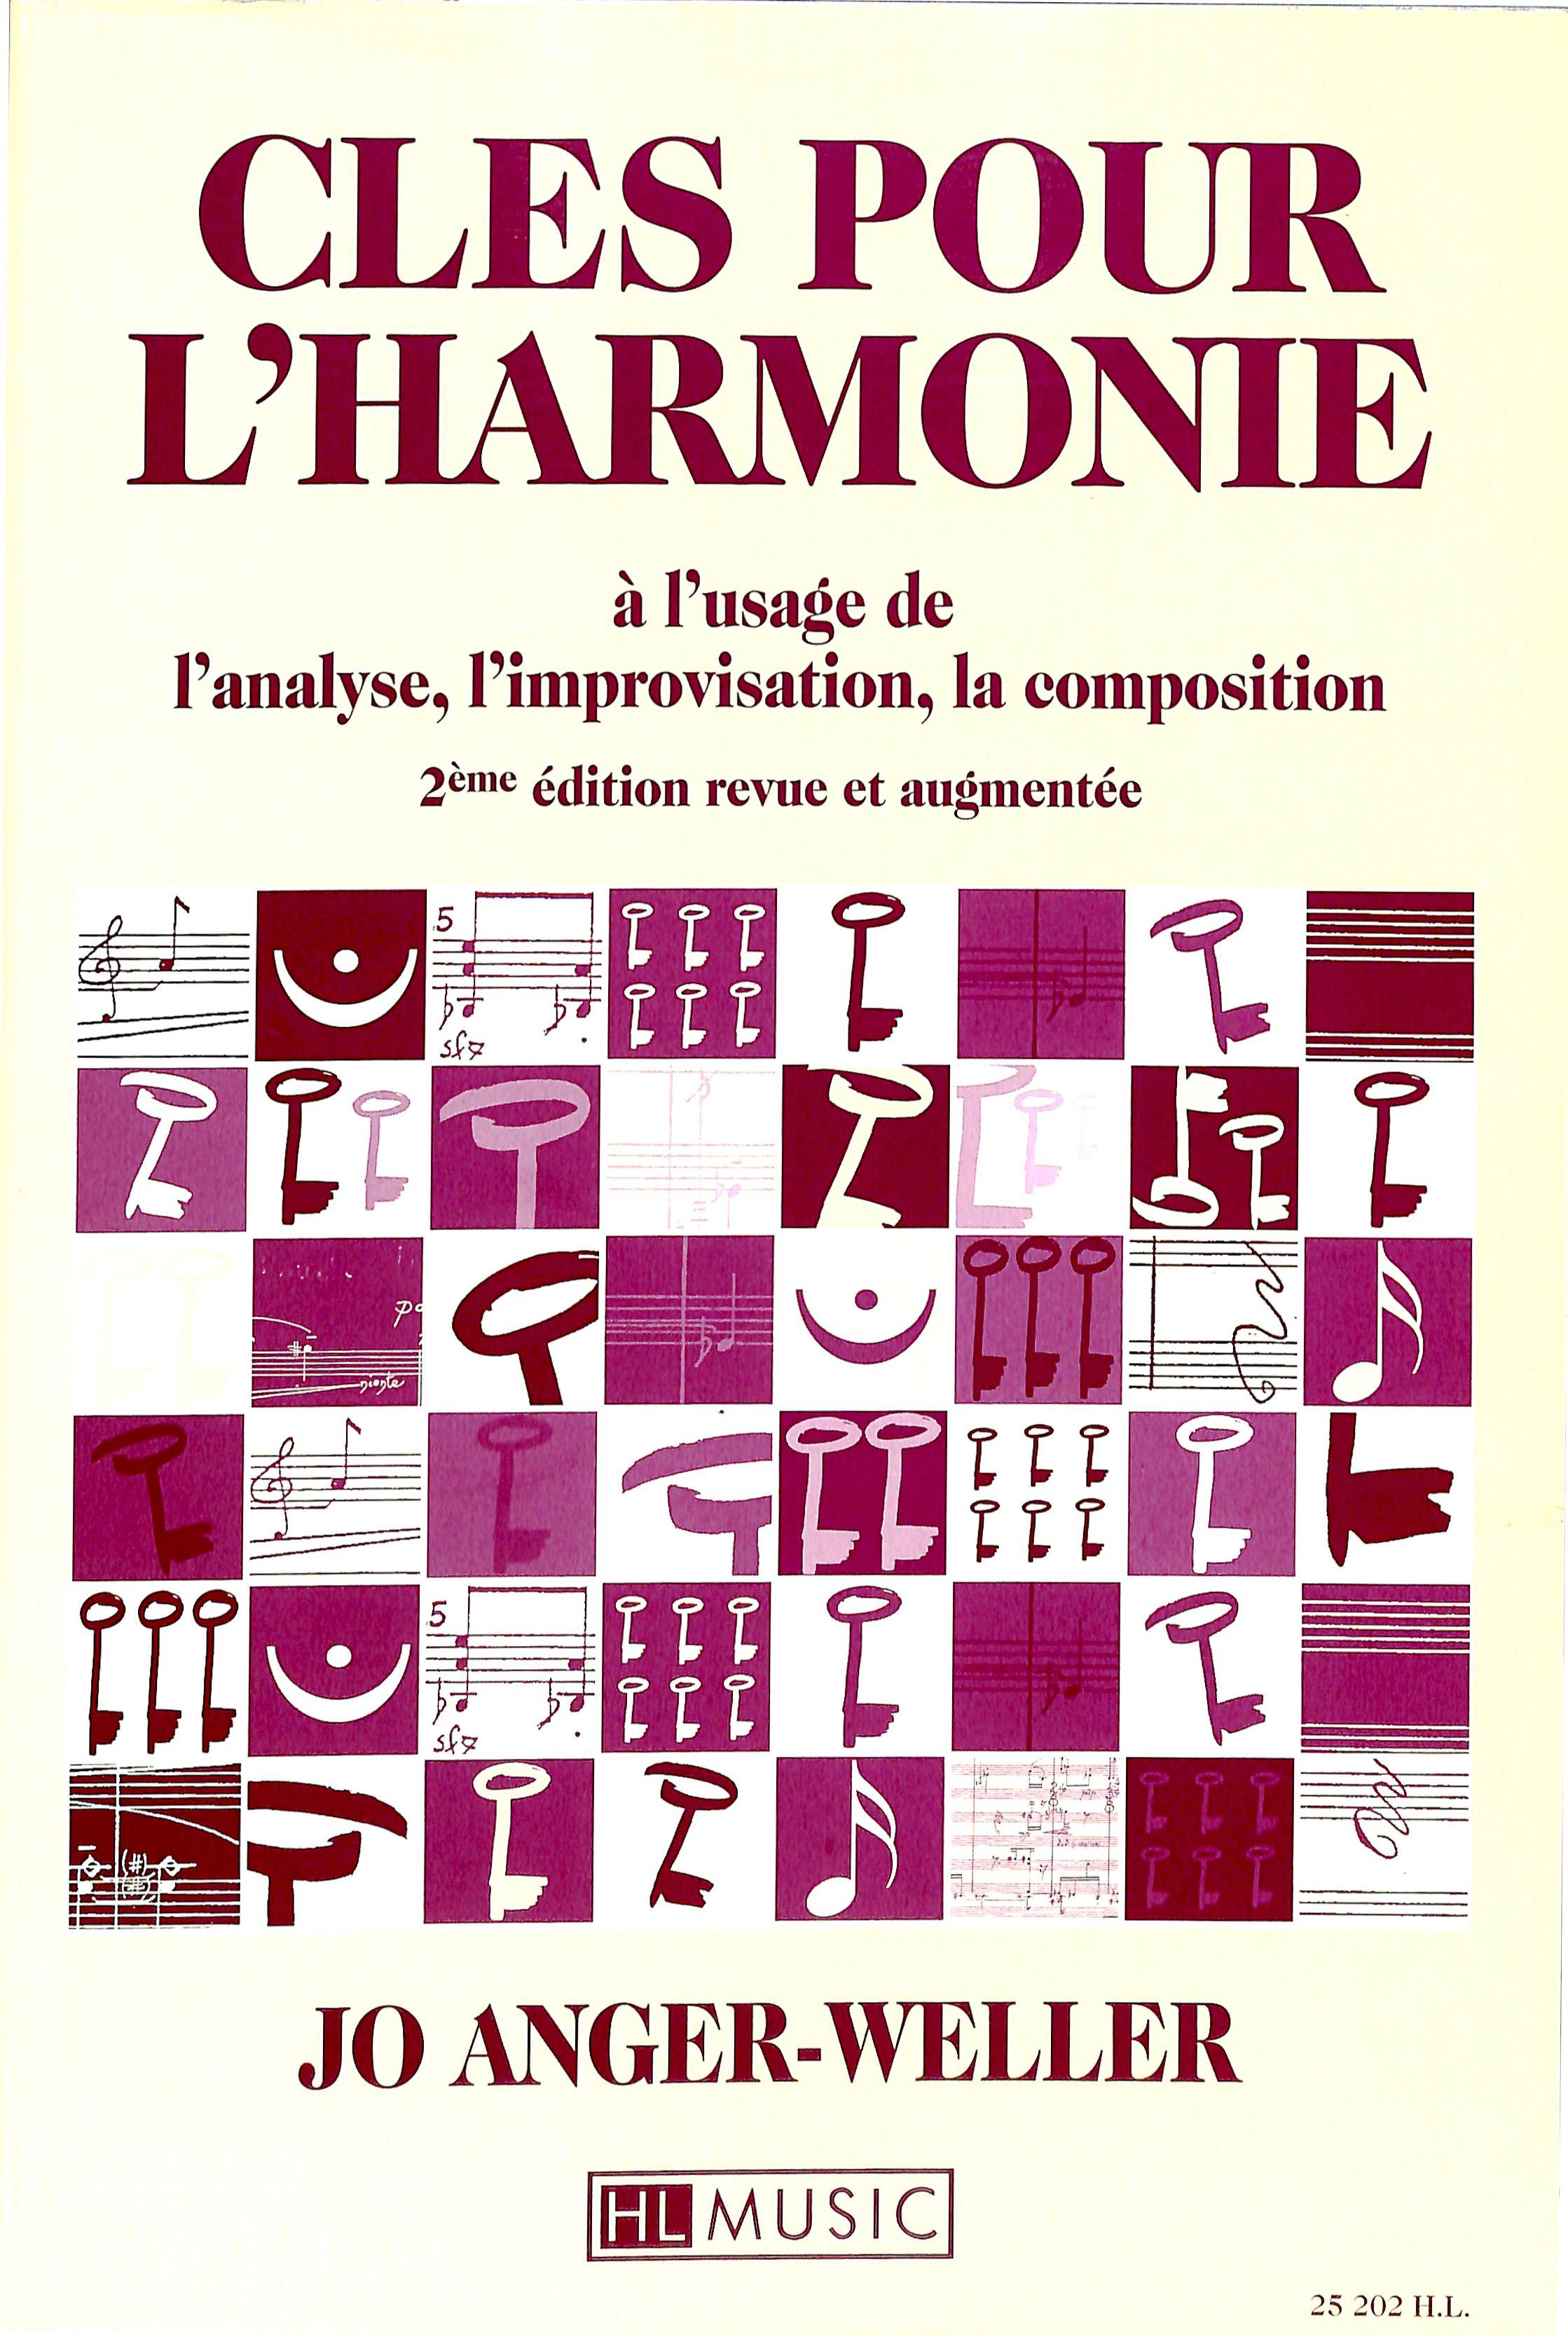 Cles pour l'harmonie 34 Saint-Dizier (52)